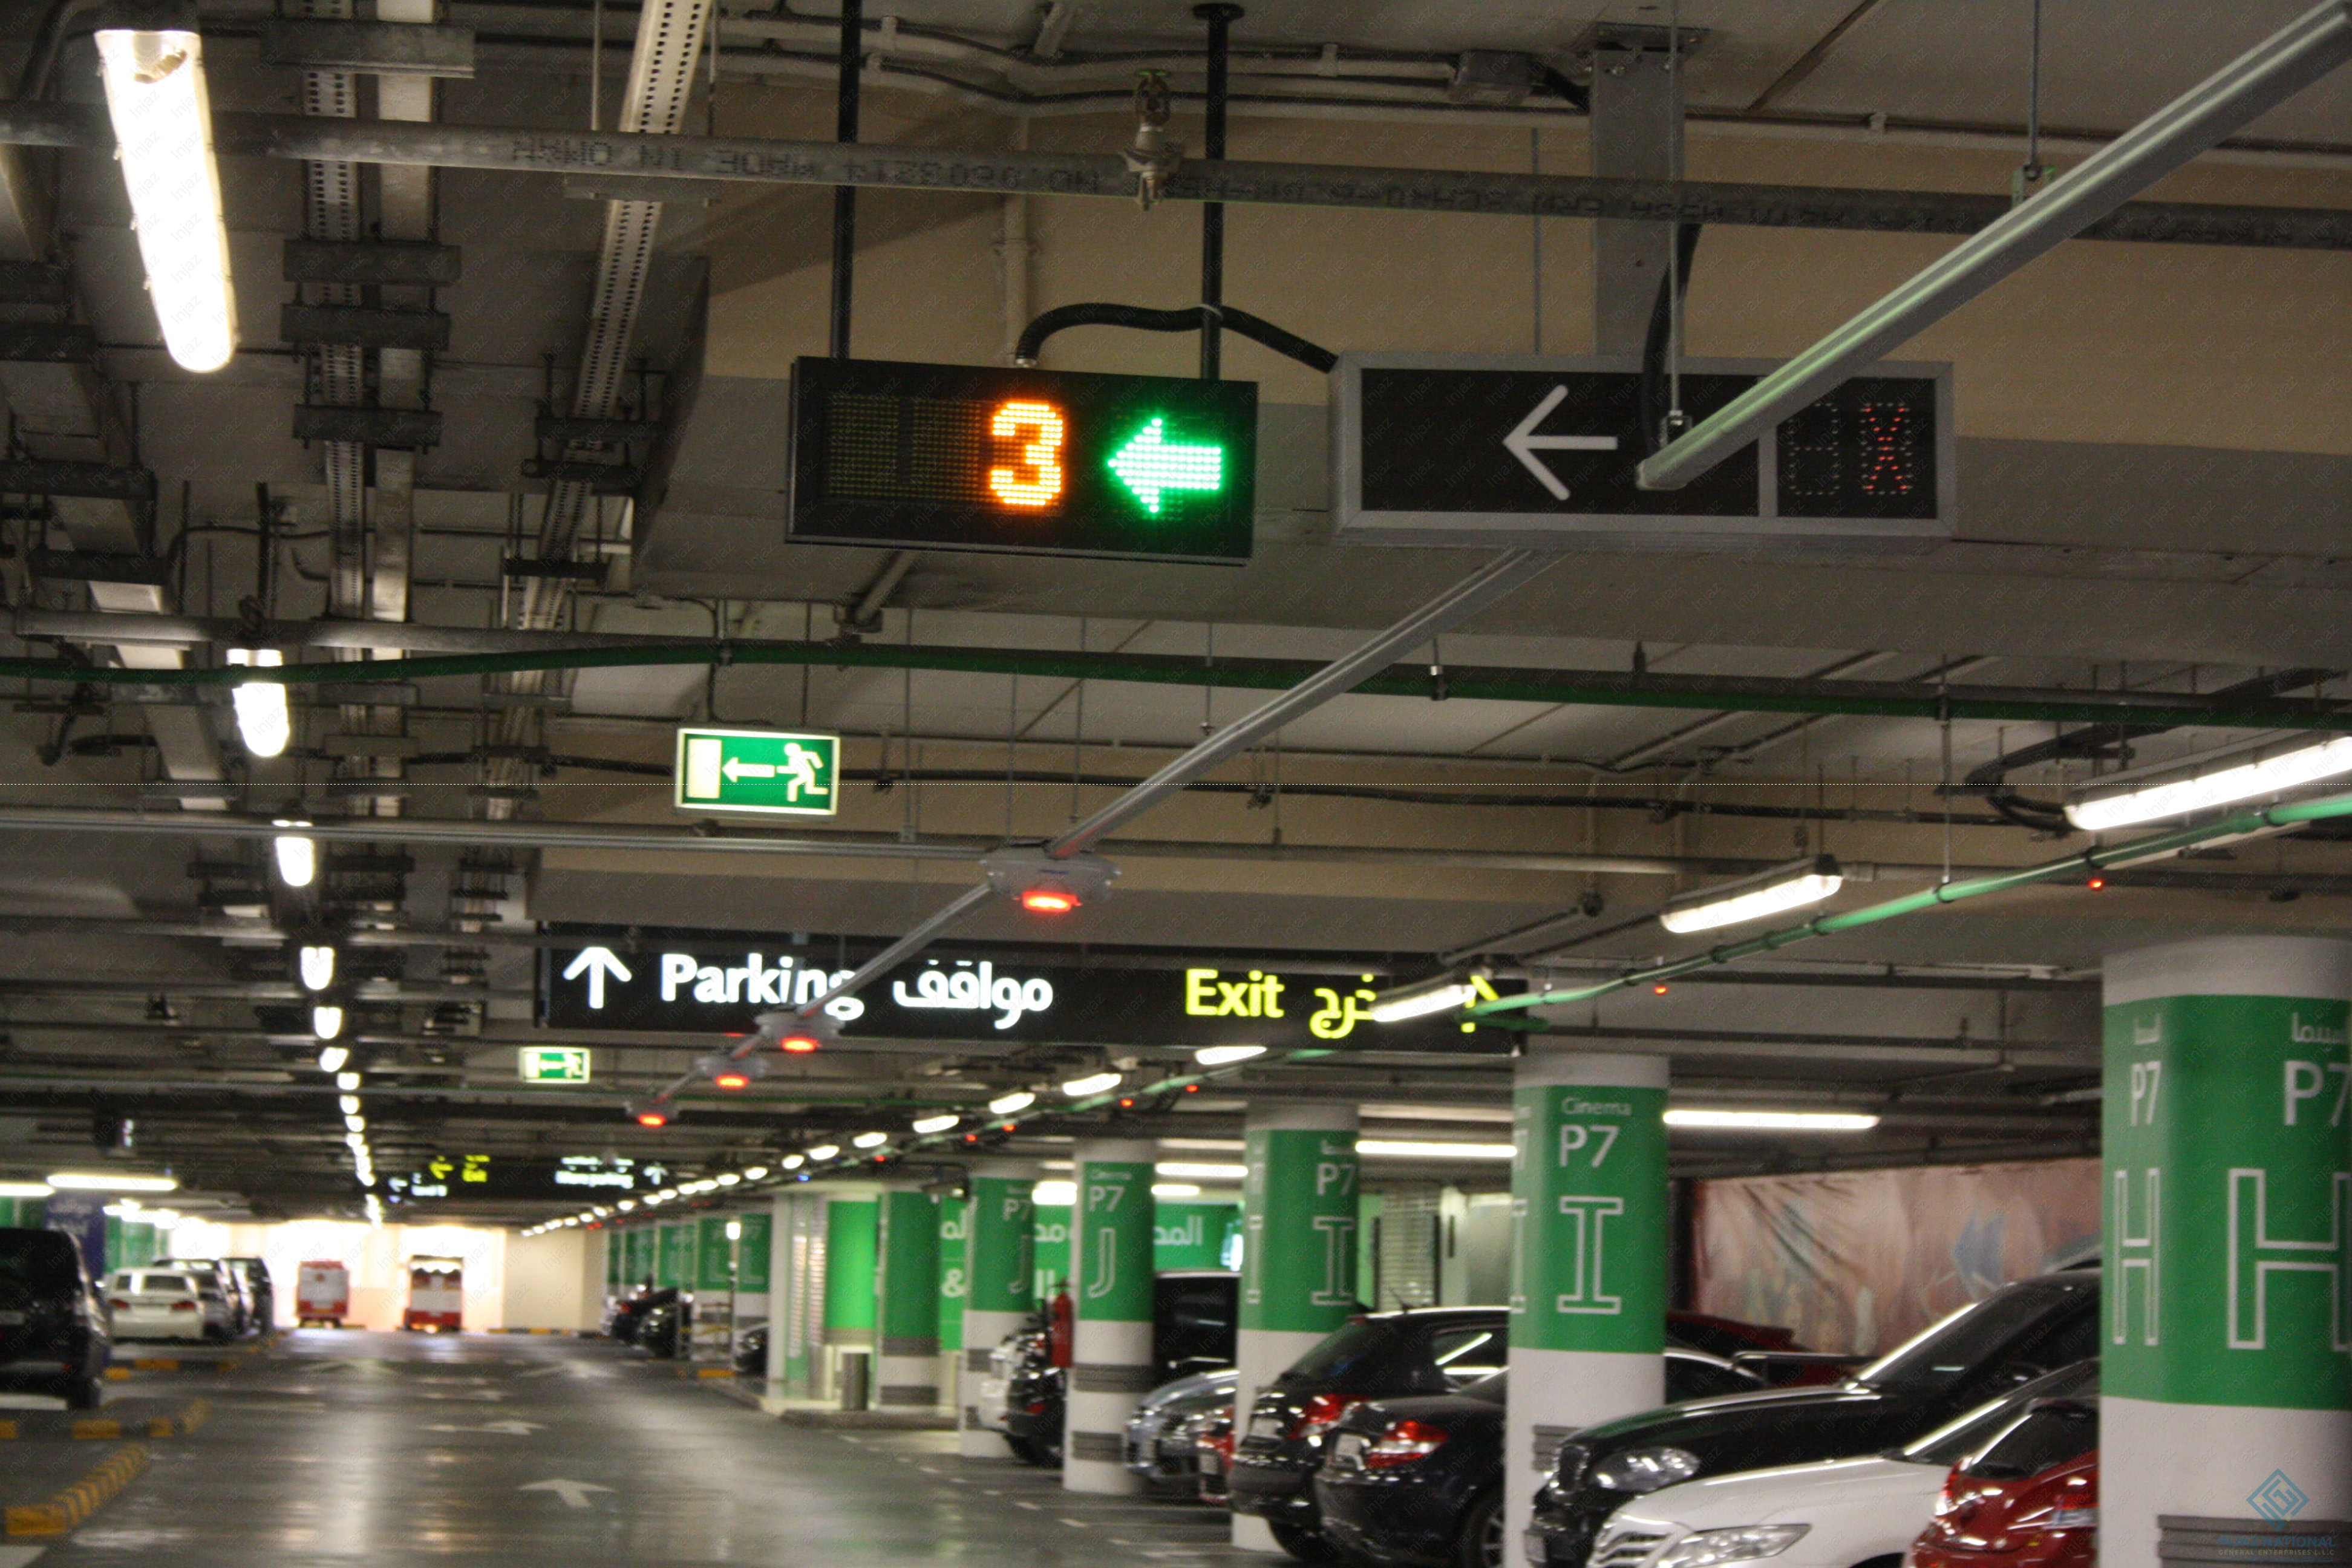 Дубай молл парковка недвижимость в дубае недорого и безопасно